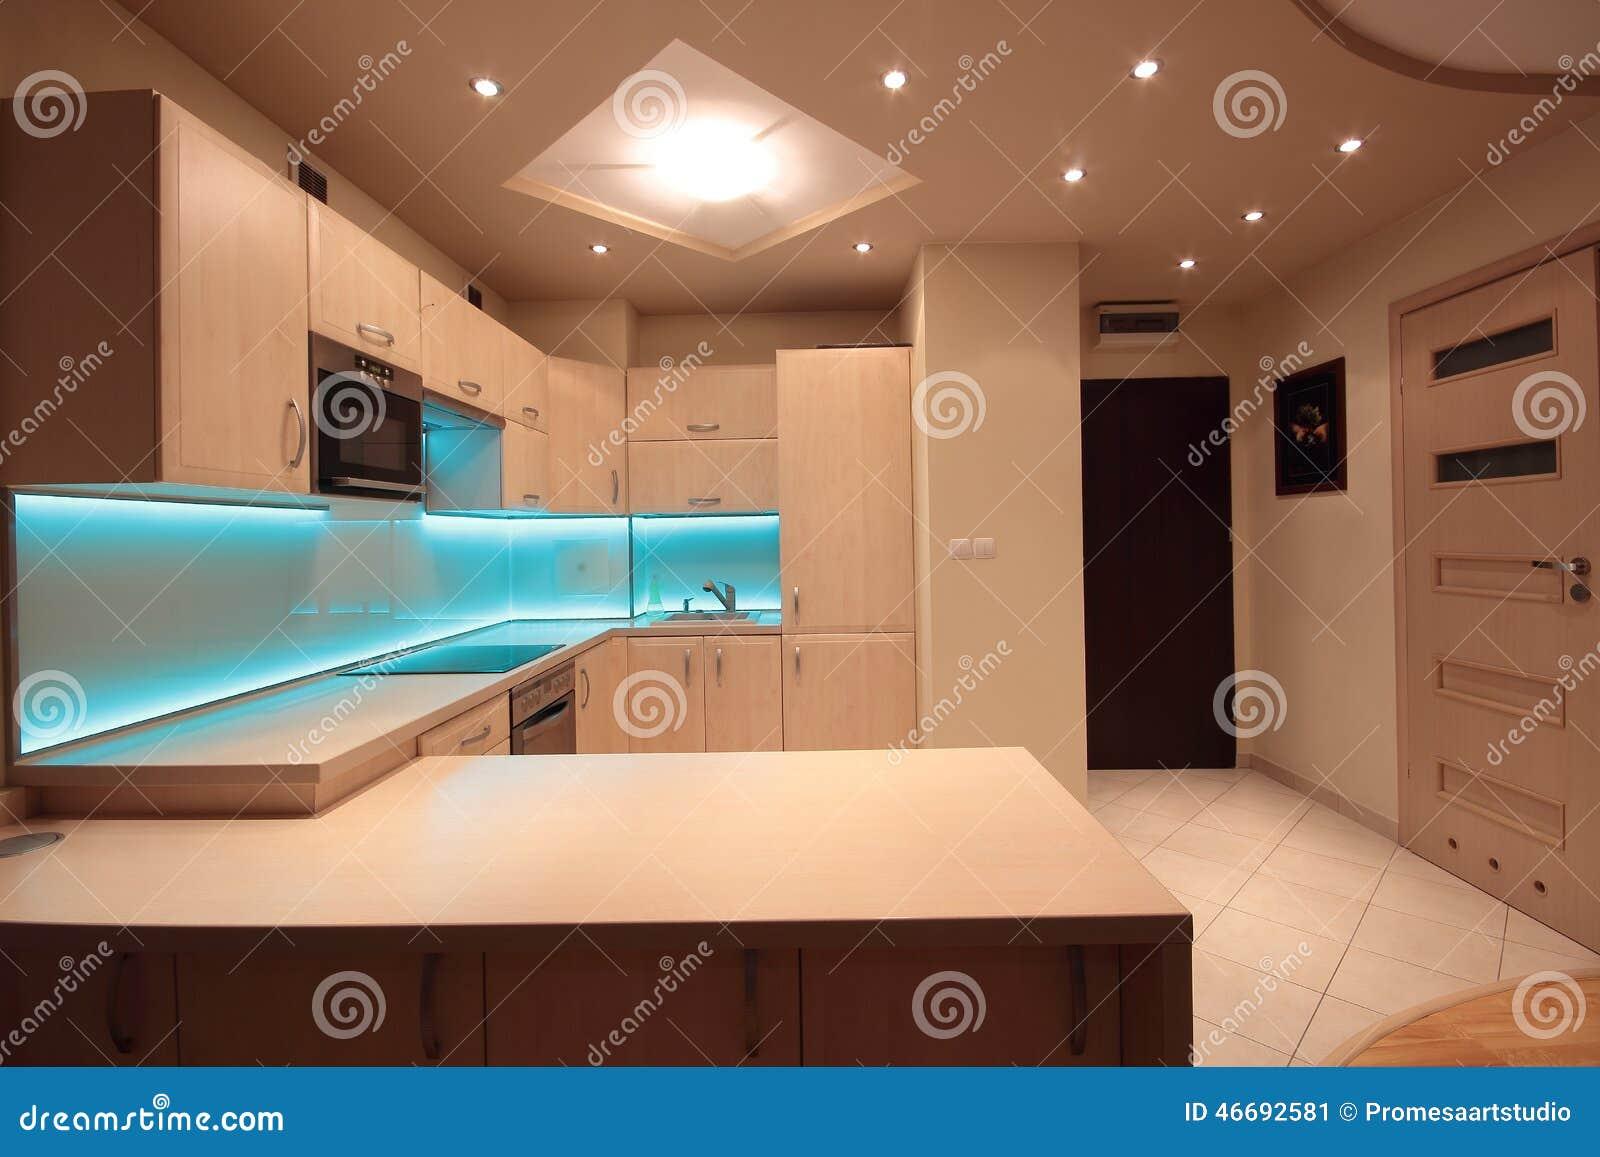 Inspirierend Moderne Beleuchtung Das Beste Von Pattern Küche Mit Blauer Led-beleuchtung Stockbild -